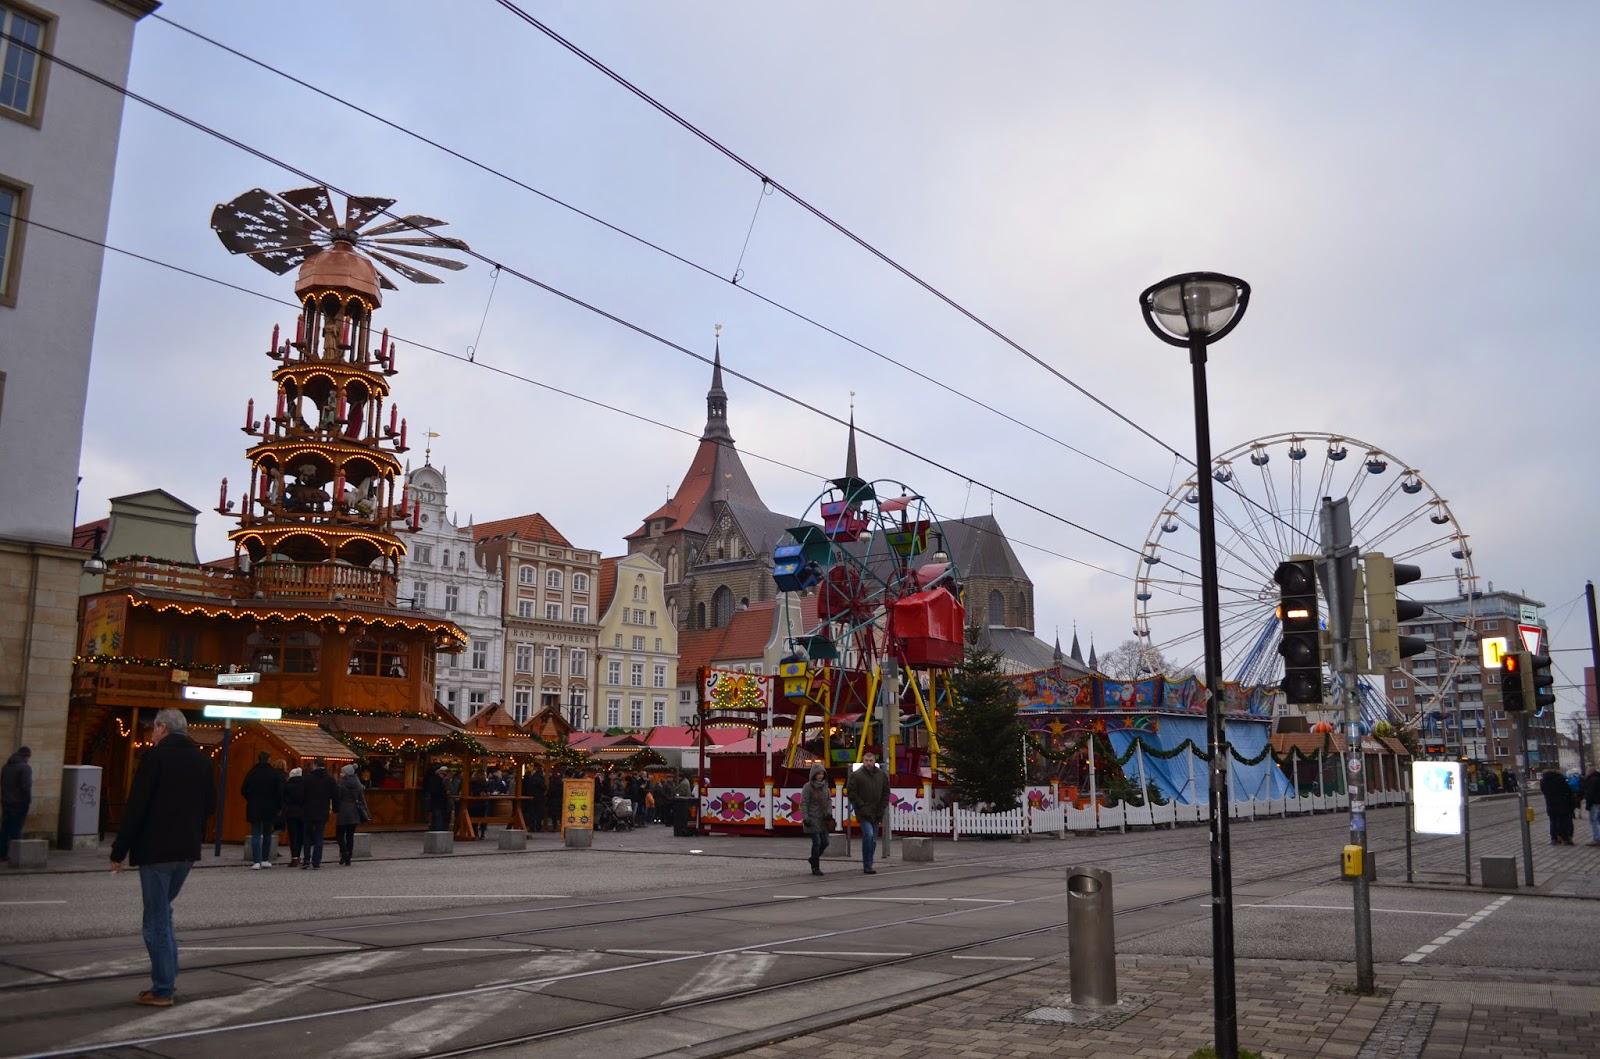 życie na emigracji w Niemczech, Kiel, Niemcy, podróże